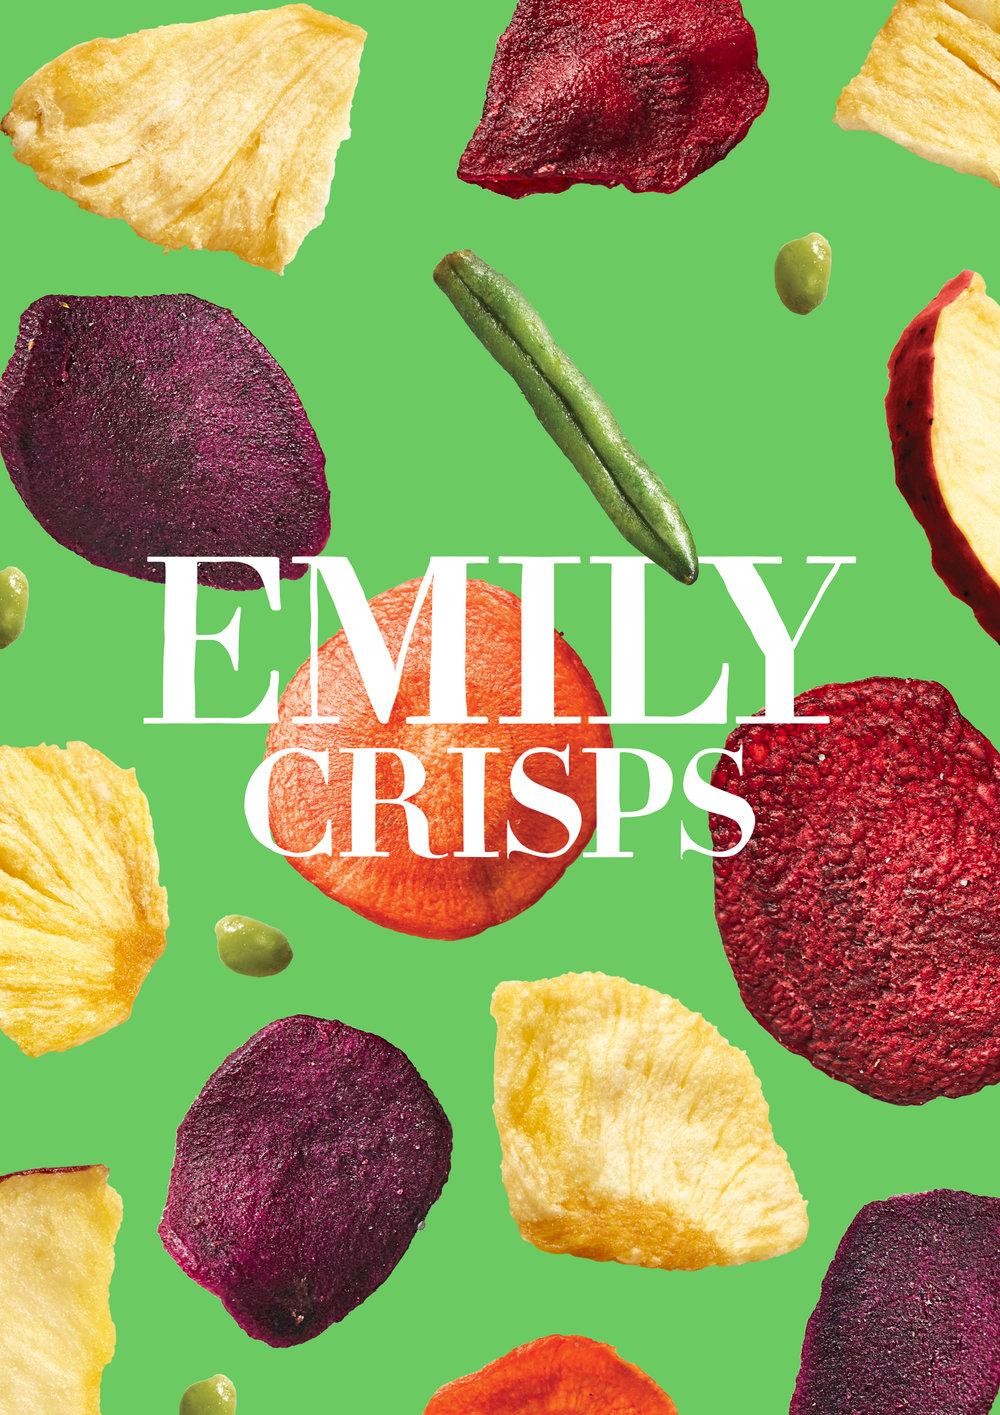 EMILY CRISPS A4 green.jpg